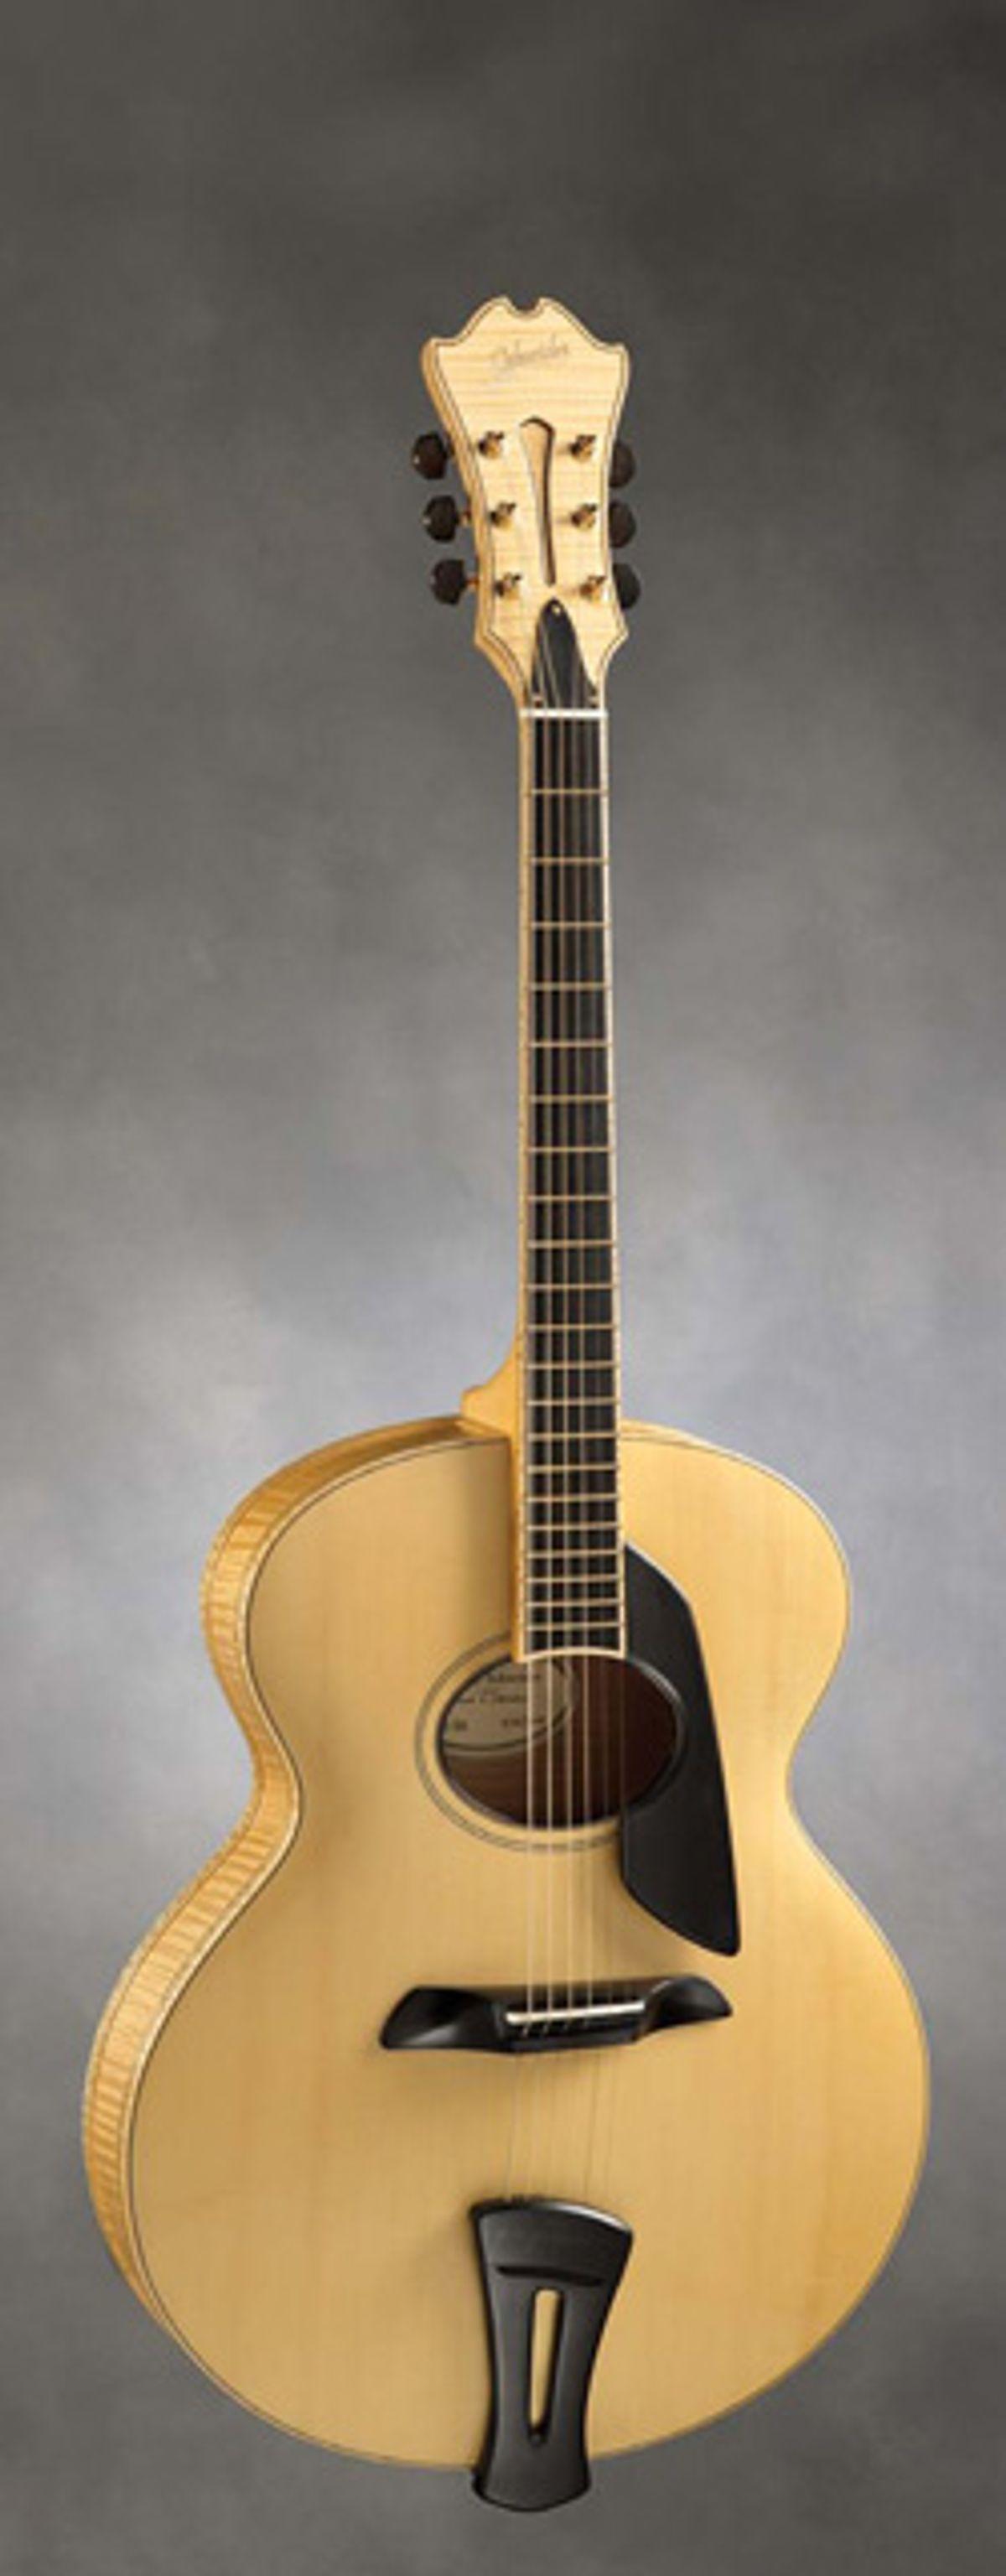 Schneider Guitars: Soho Collection